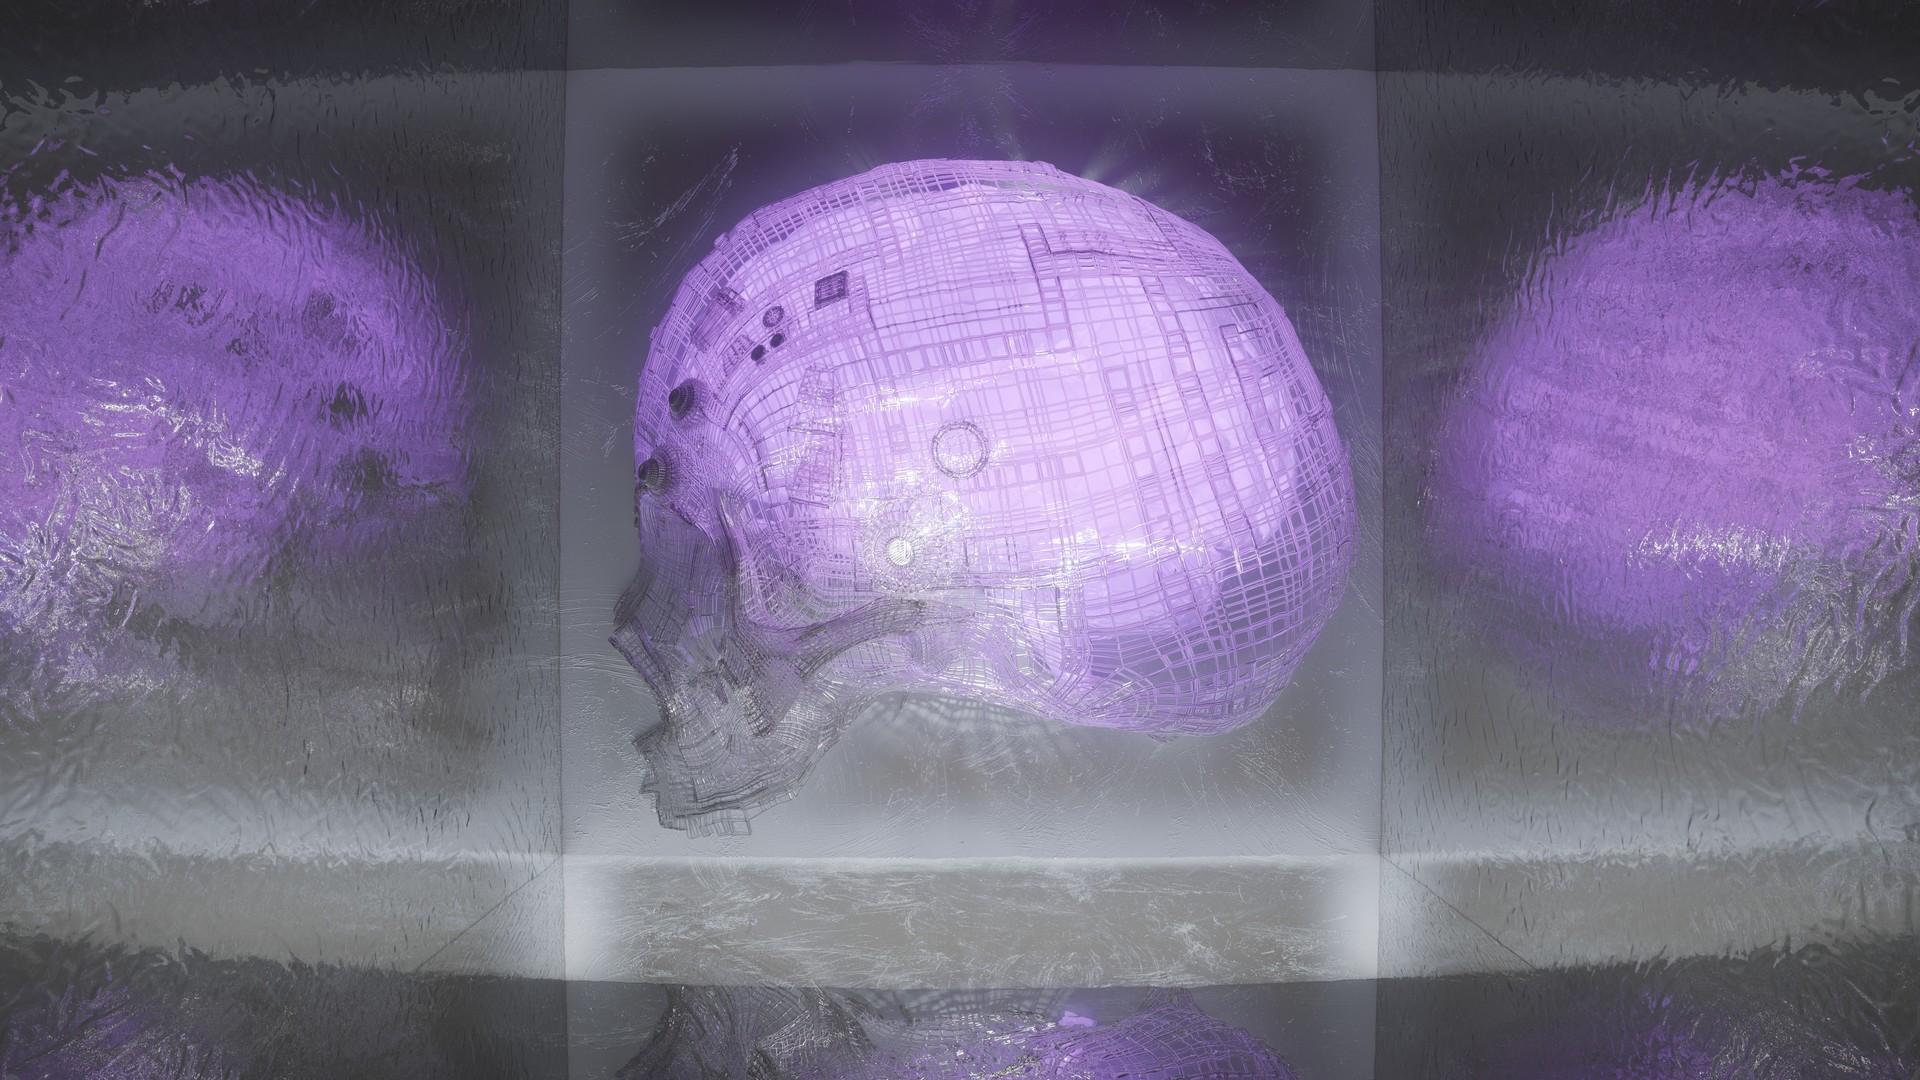 Kresimir jelusic robob3ar 360 071016 skl 07